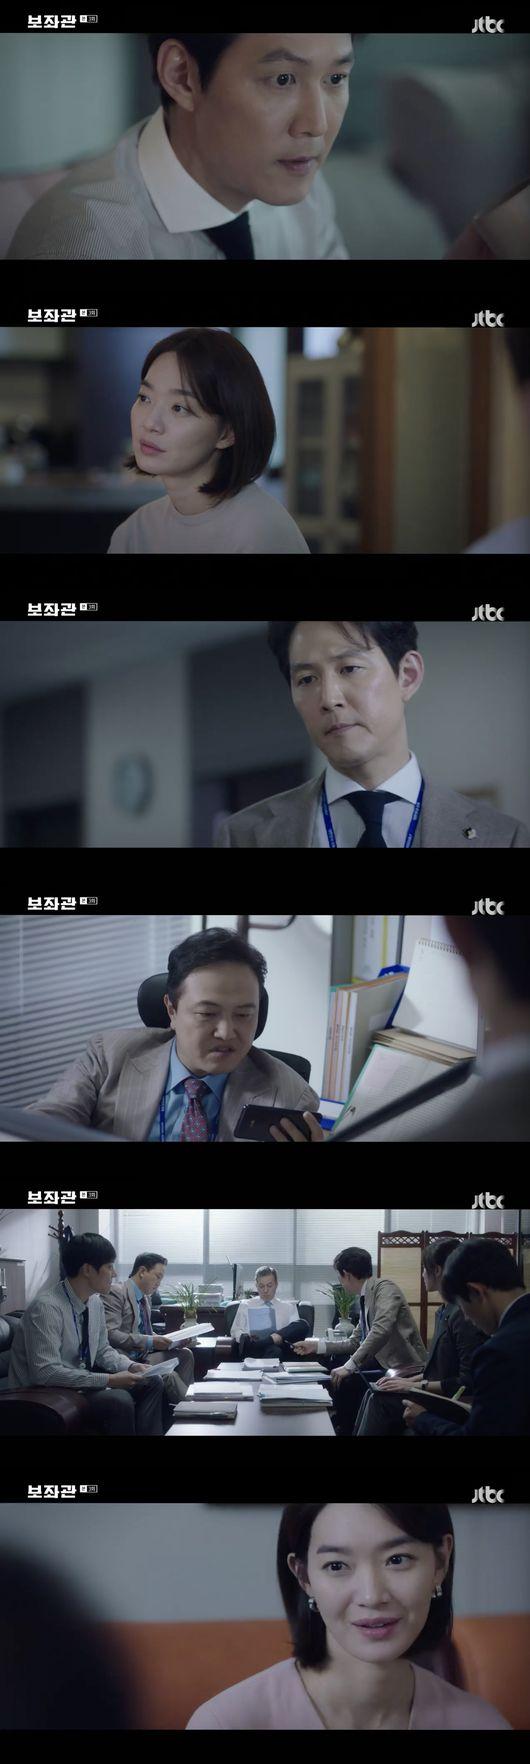 보좌관 이정재, 법무부장관 공격 성공→정웅인에게 당했다 위기 [종합]